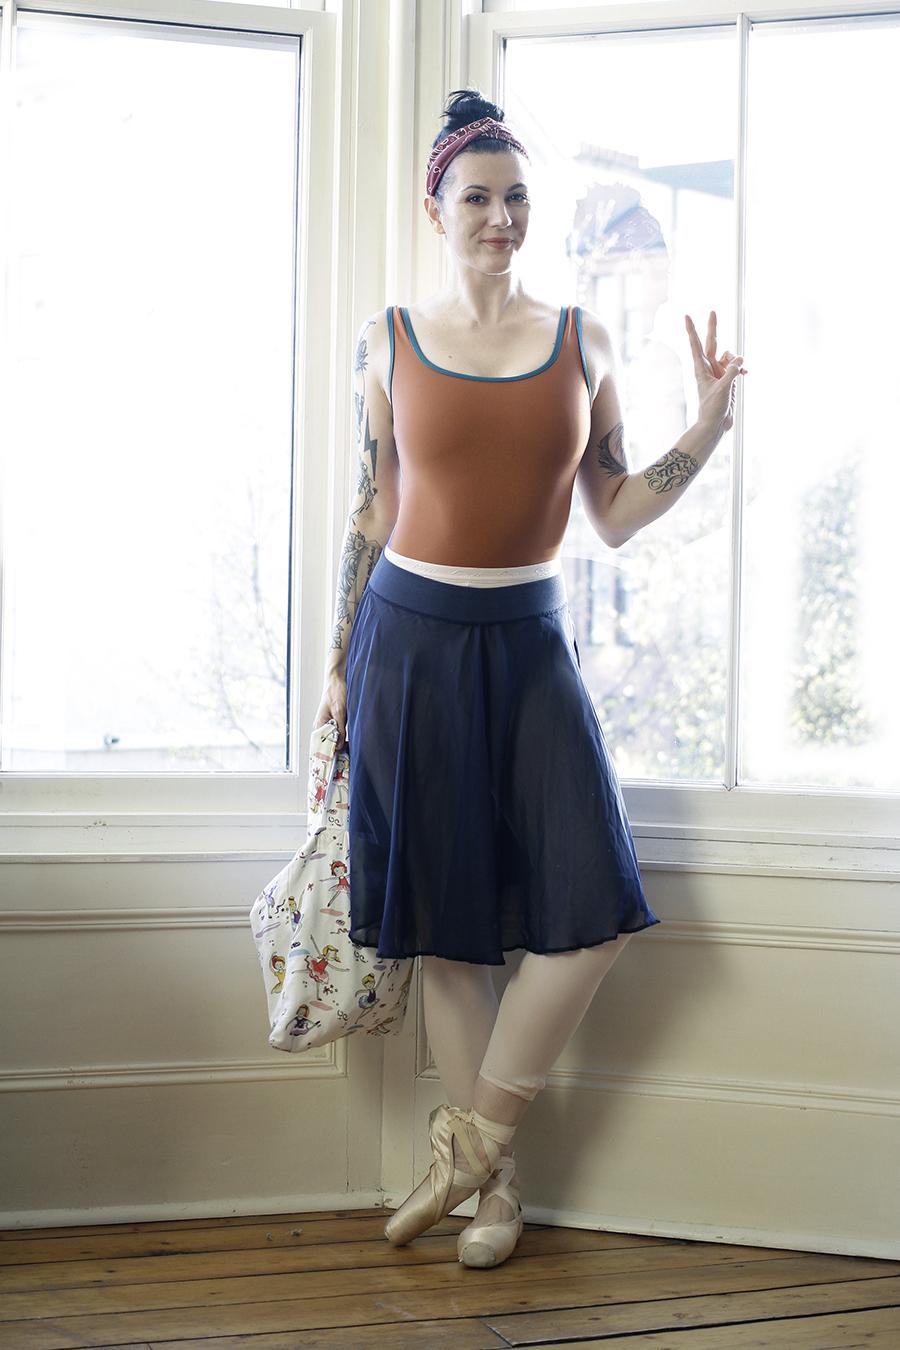 balletstyle-7.jpg